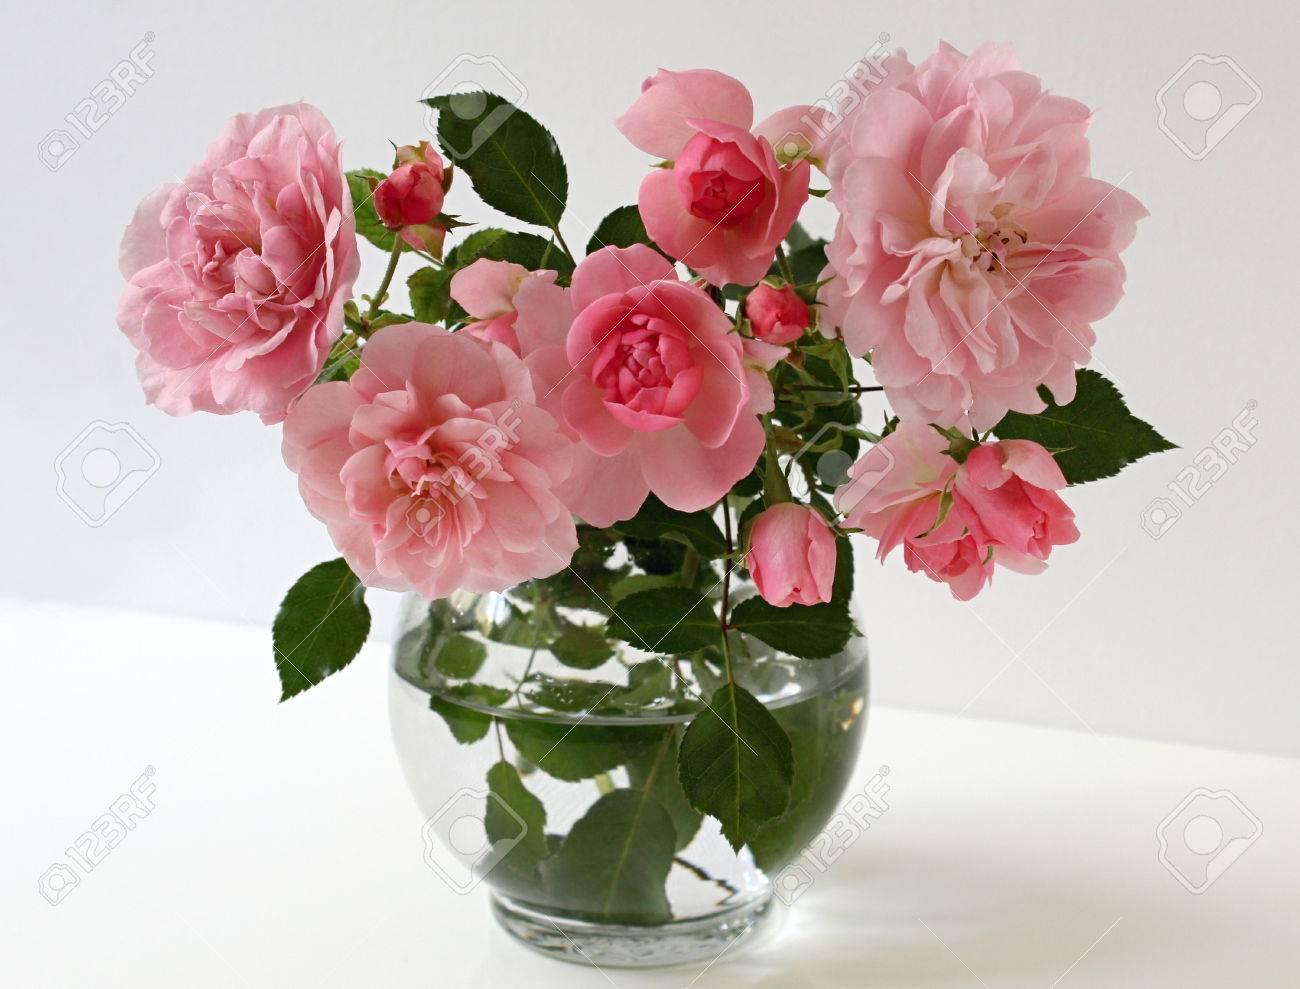 Rosas De Color Rosa En Un Florero De Cristal Sobre Un Fondo Blanco